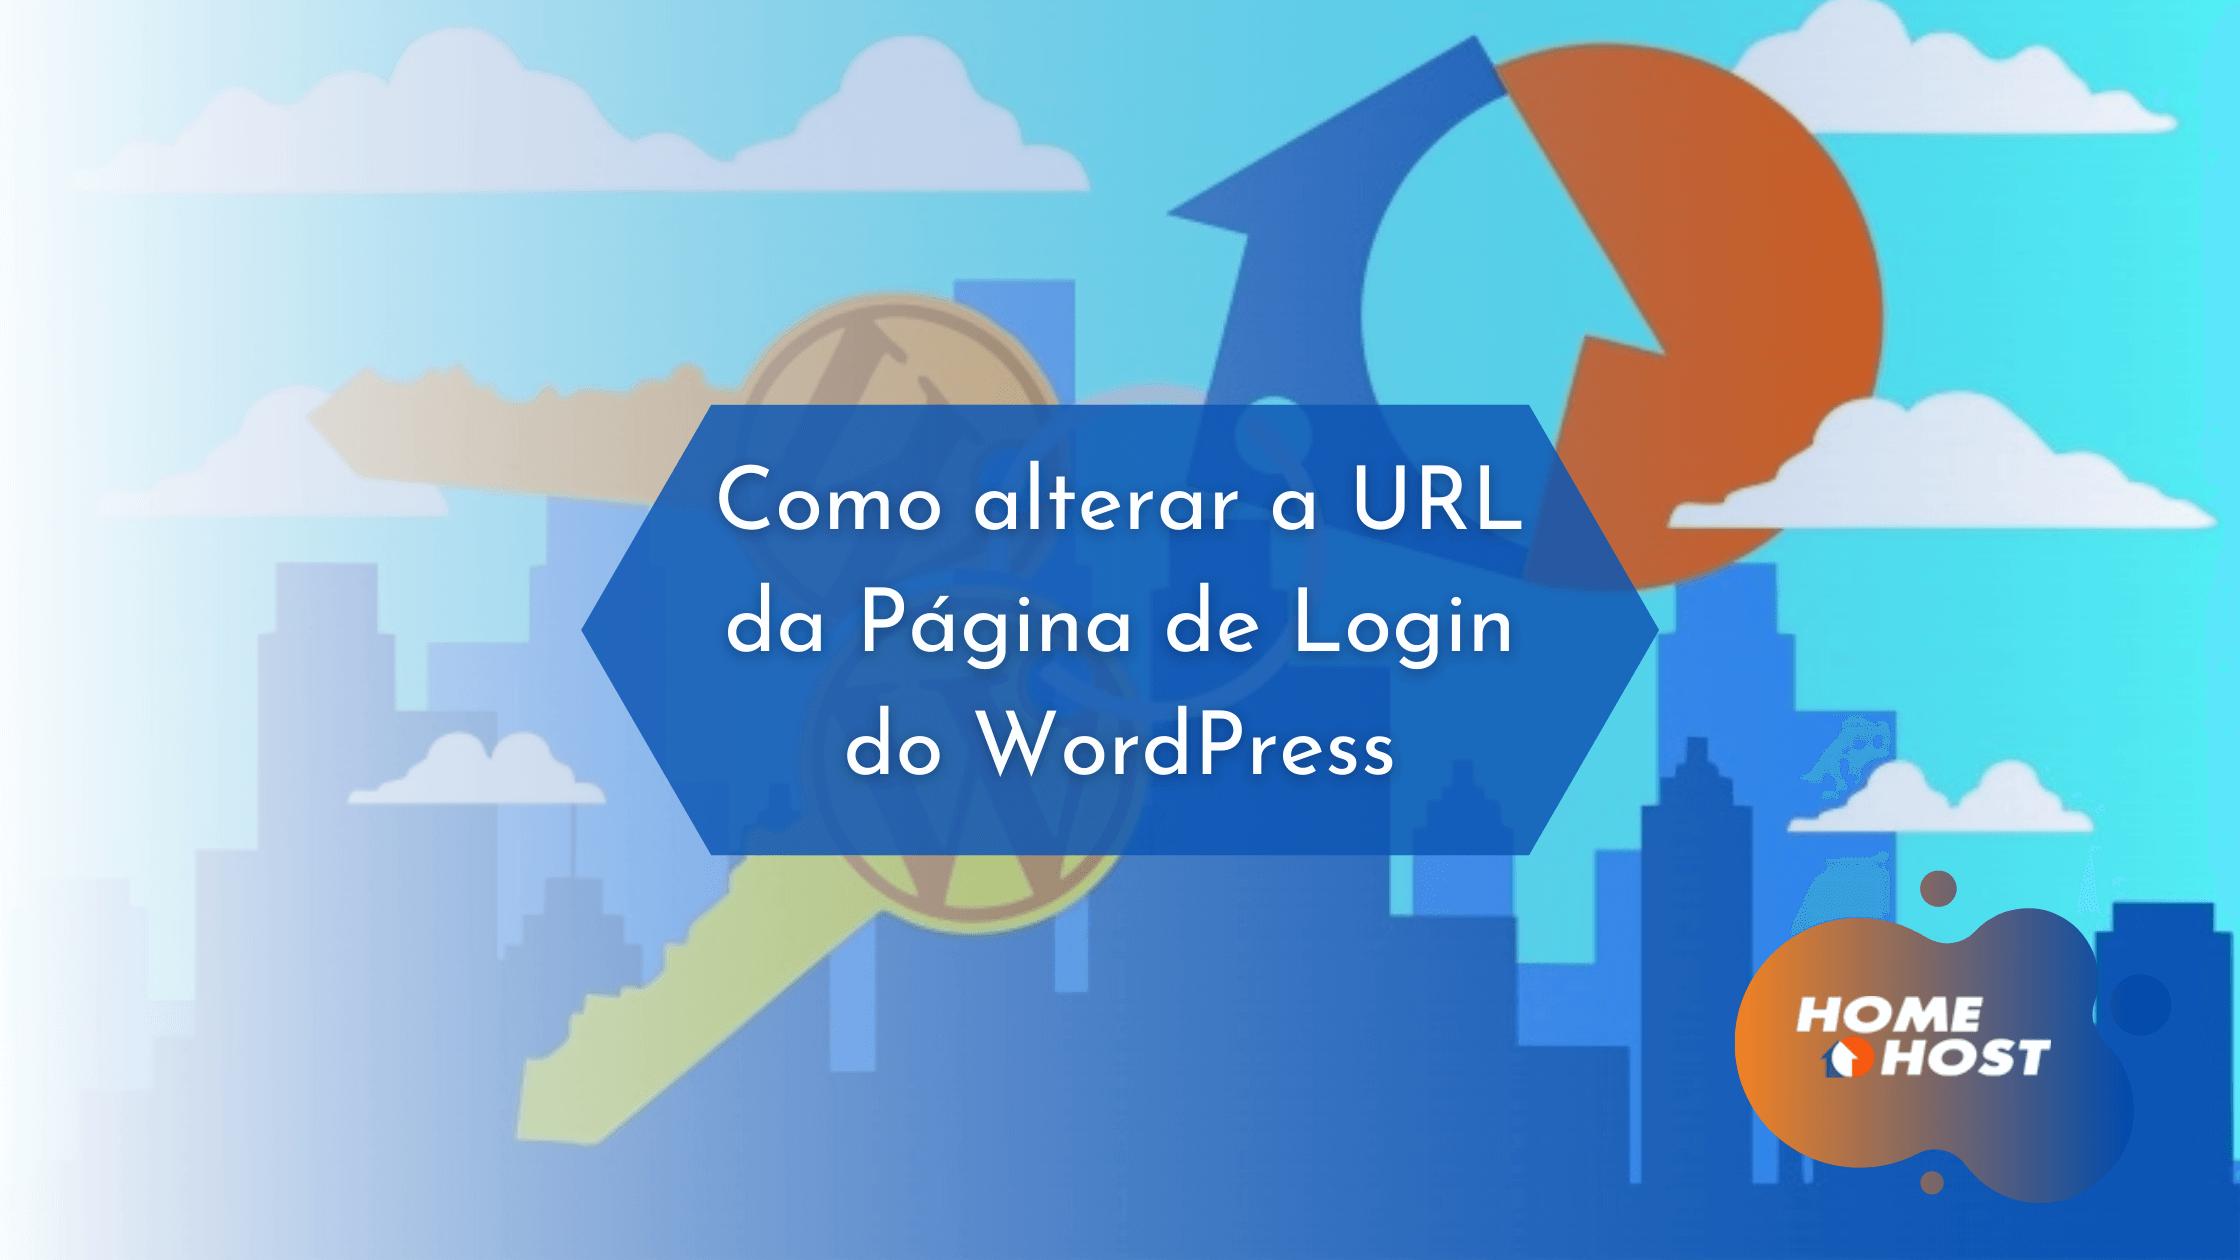 Homehost: Como alterar a URL da Página de Login do WordPress